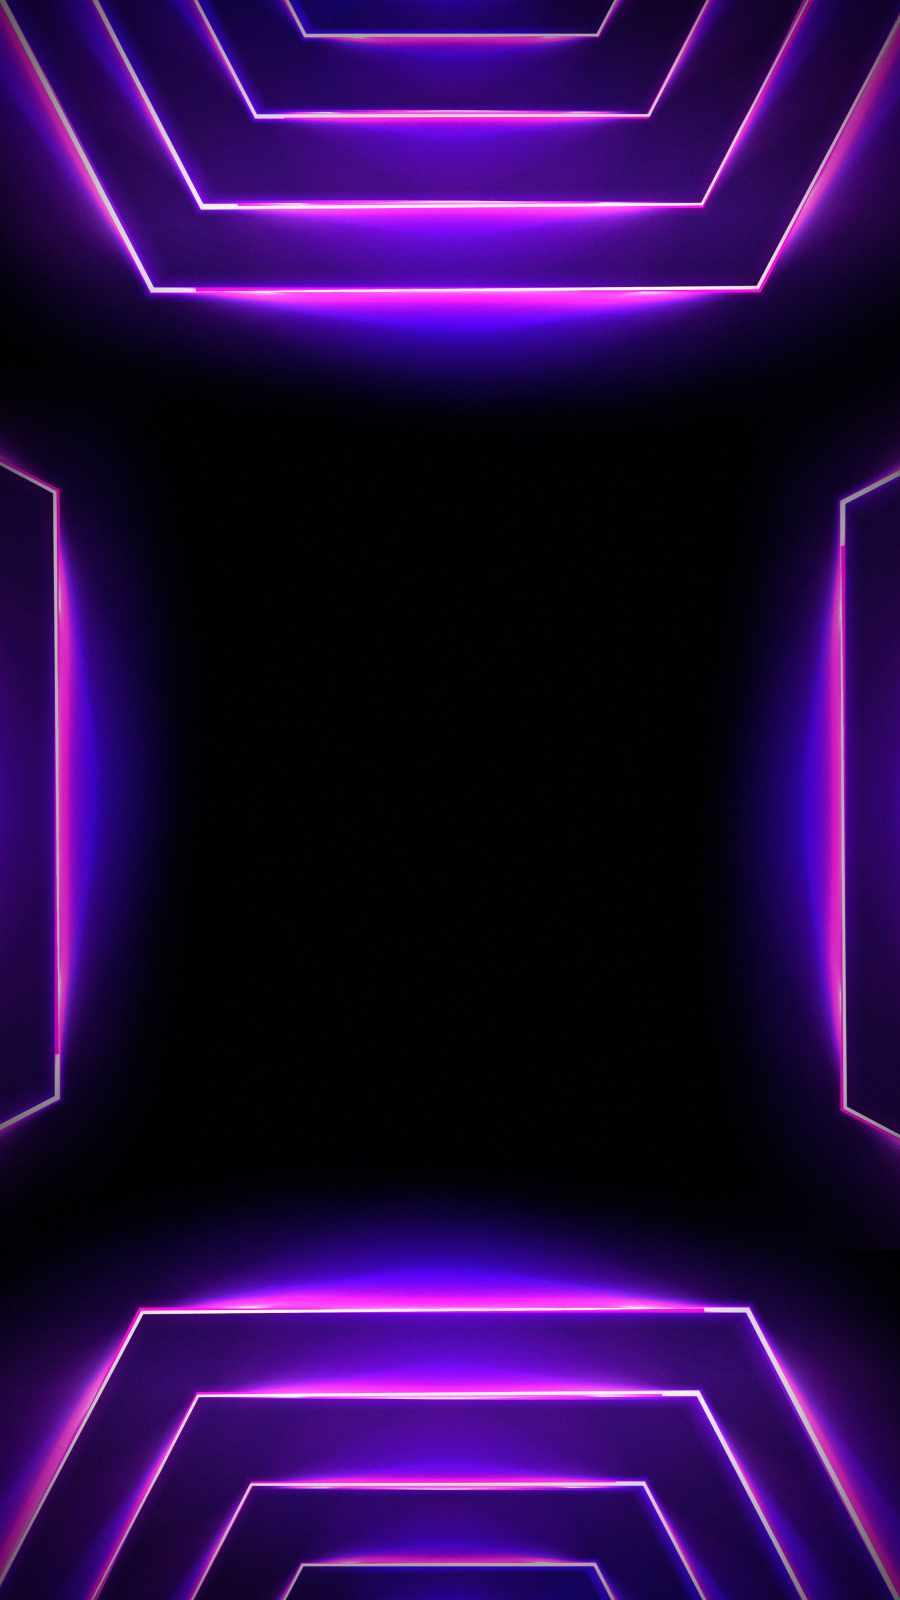 Dark Neon Design